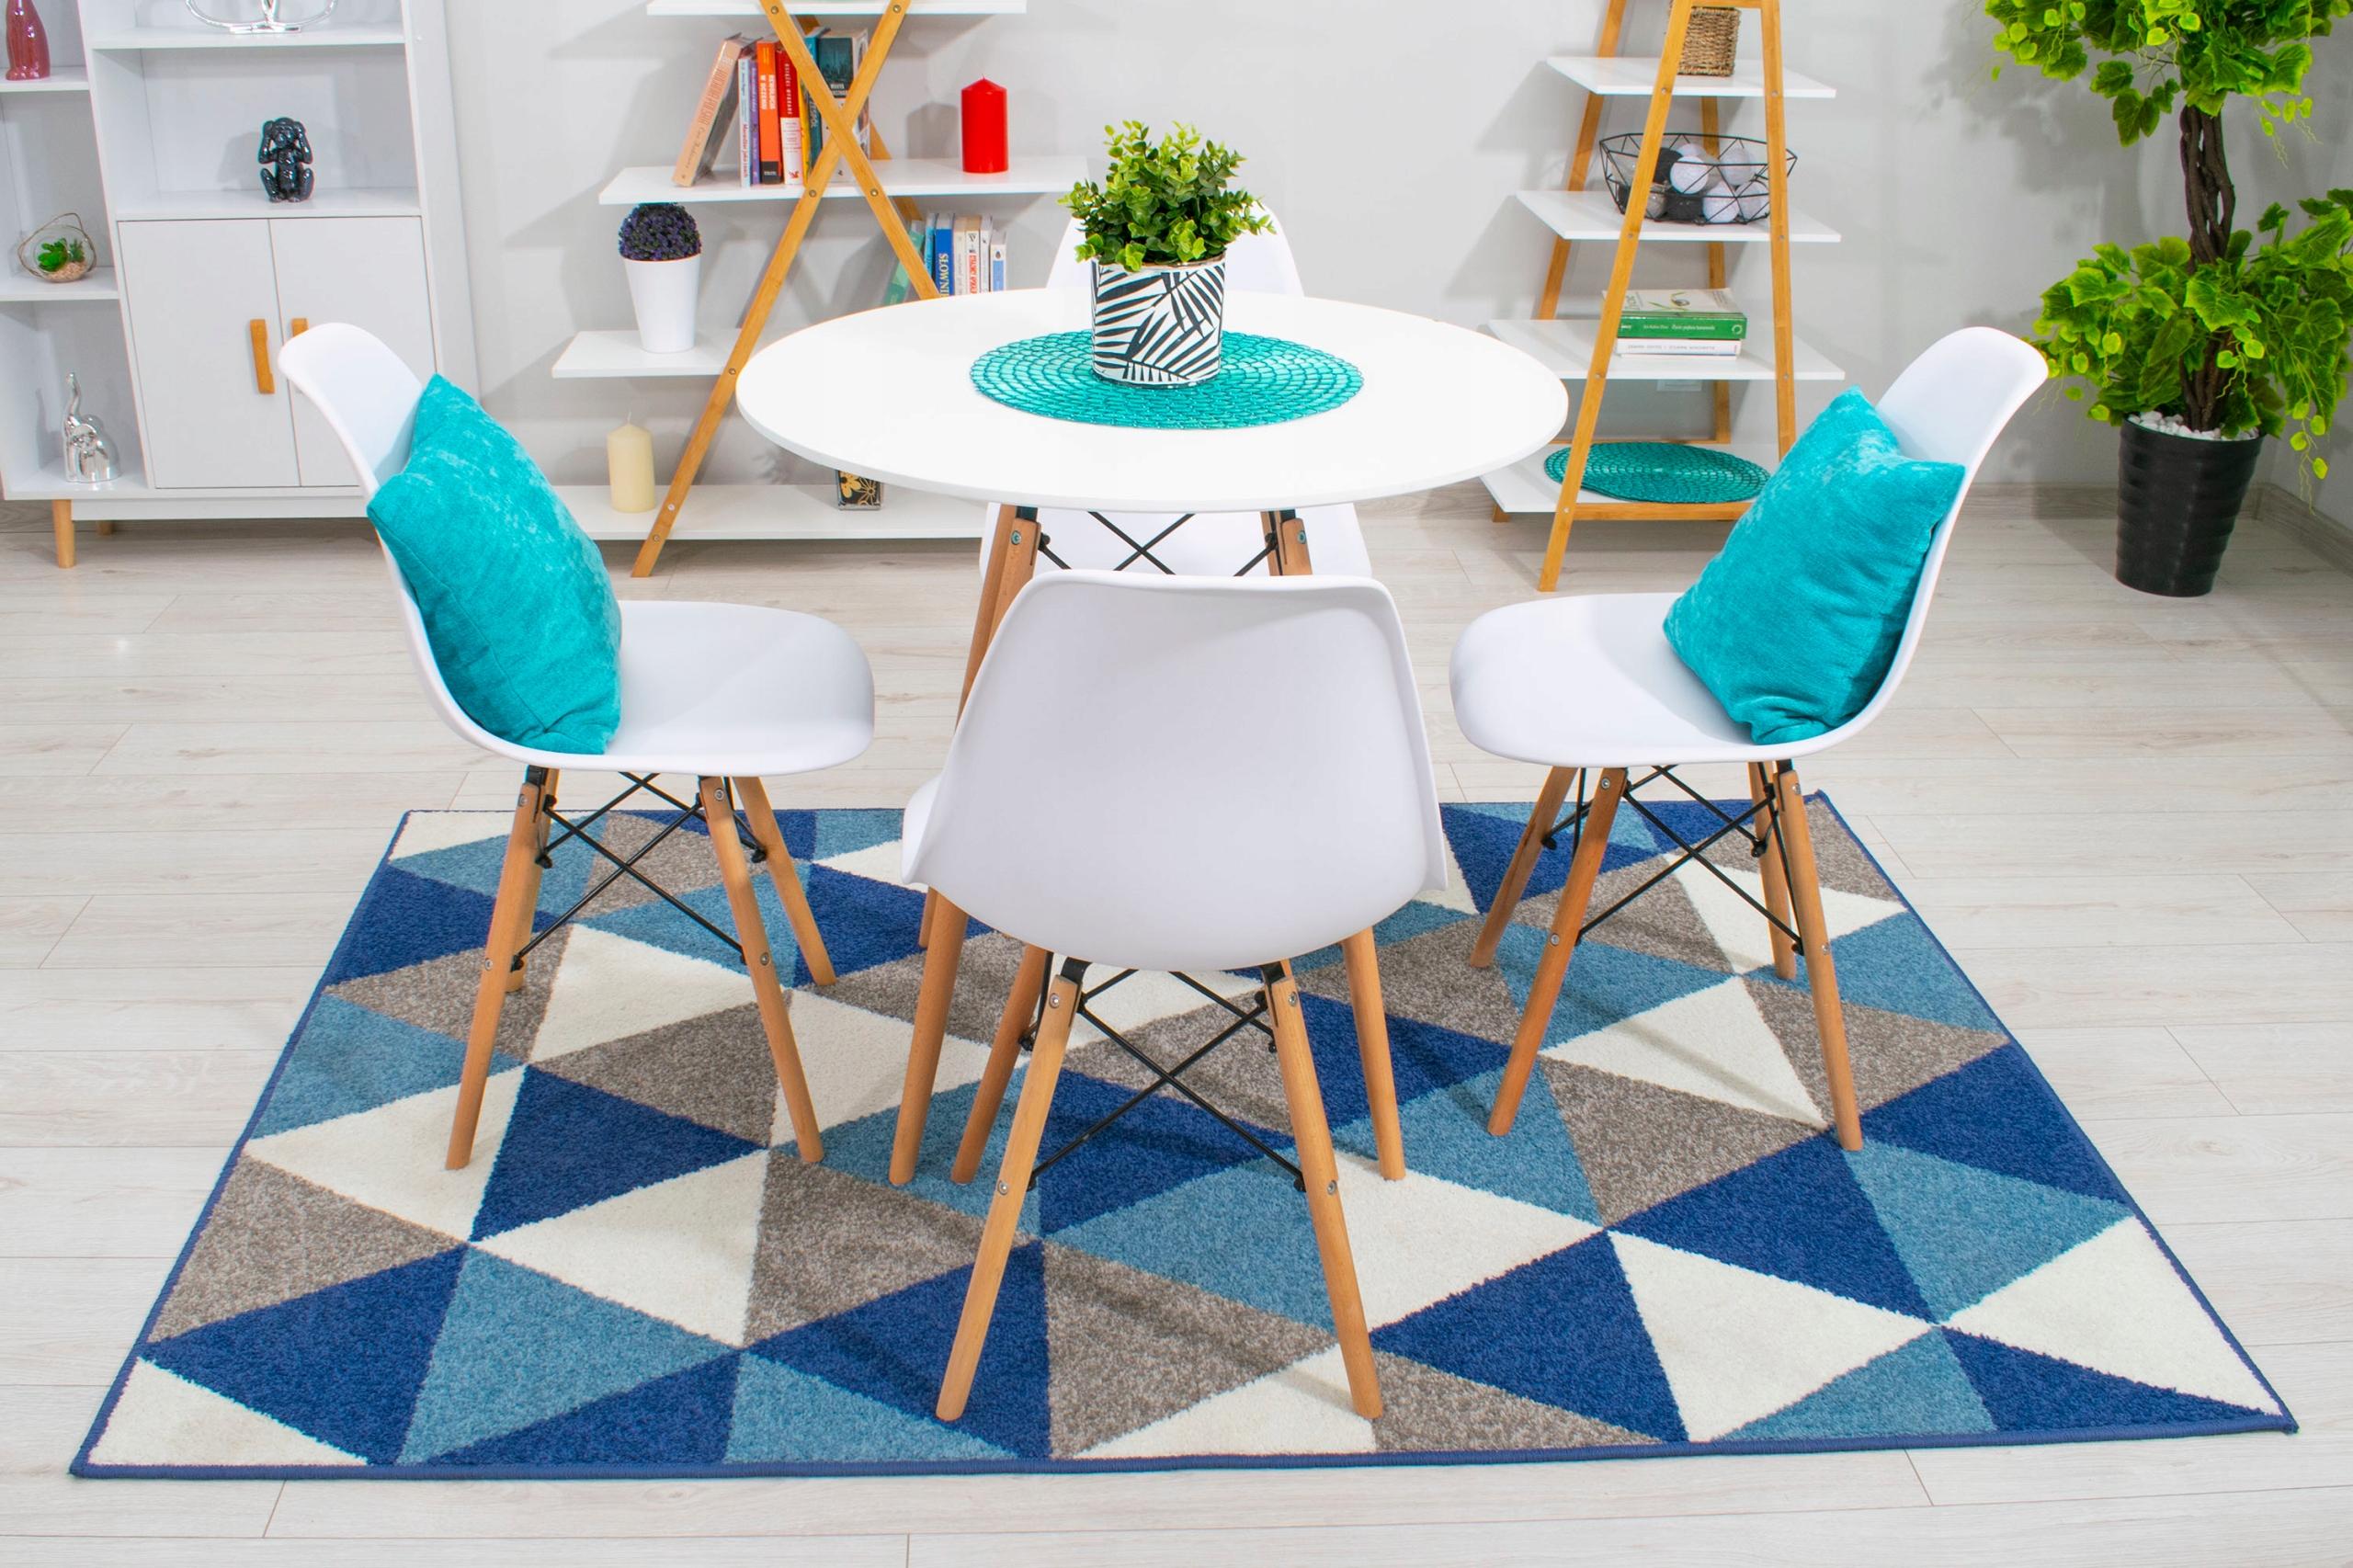 Stół + 4 Krzesła Nowoczesny Skandynawski Styl DSW Szerokość stołu 80 cm